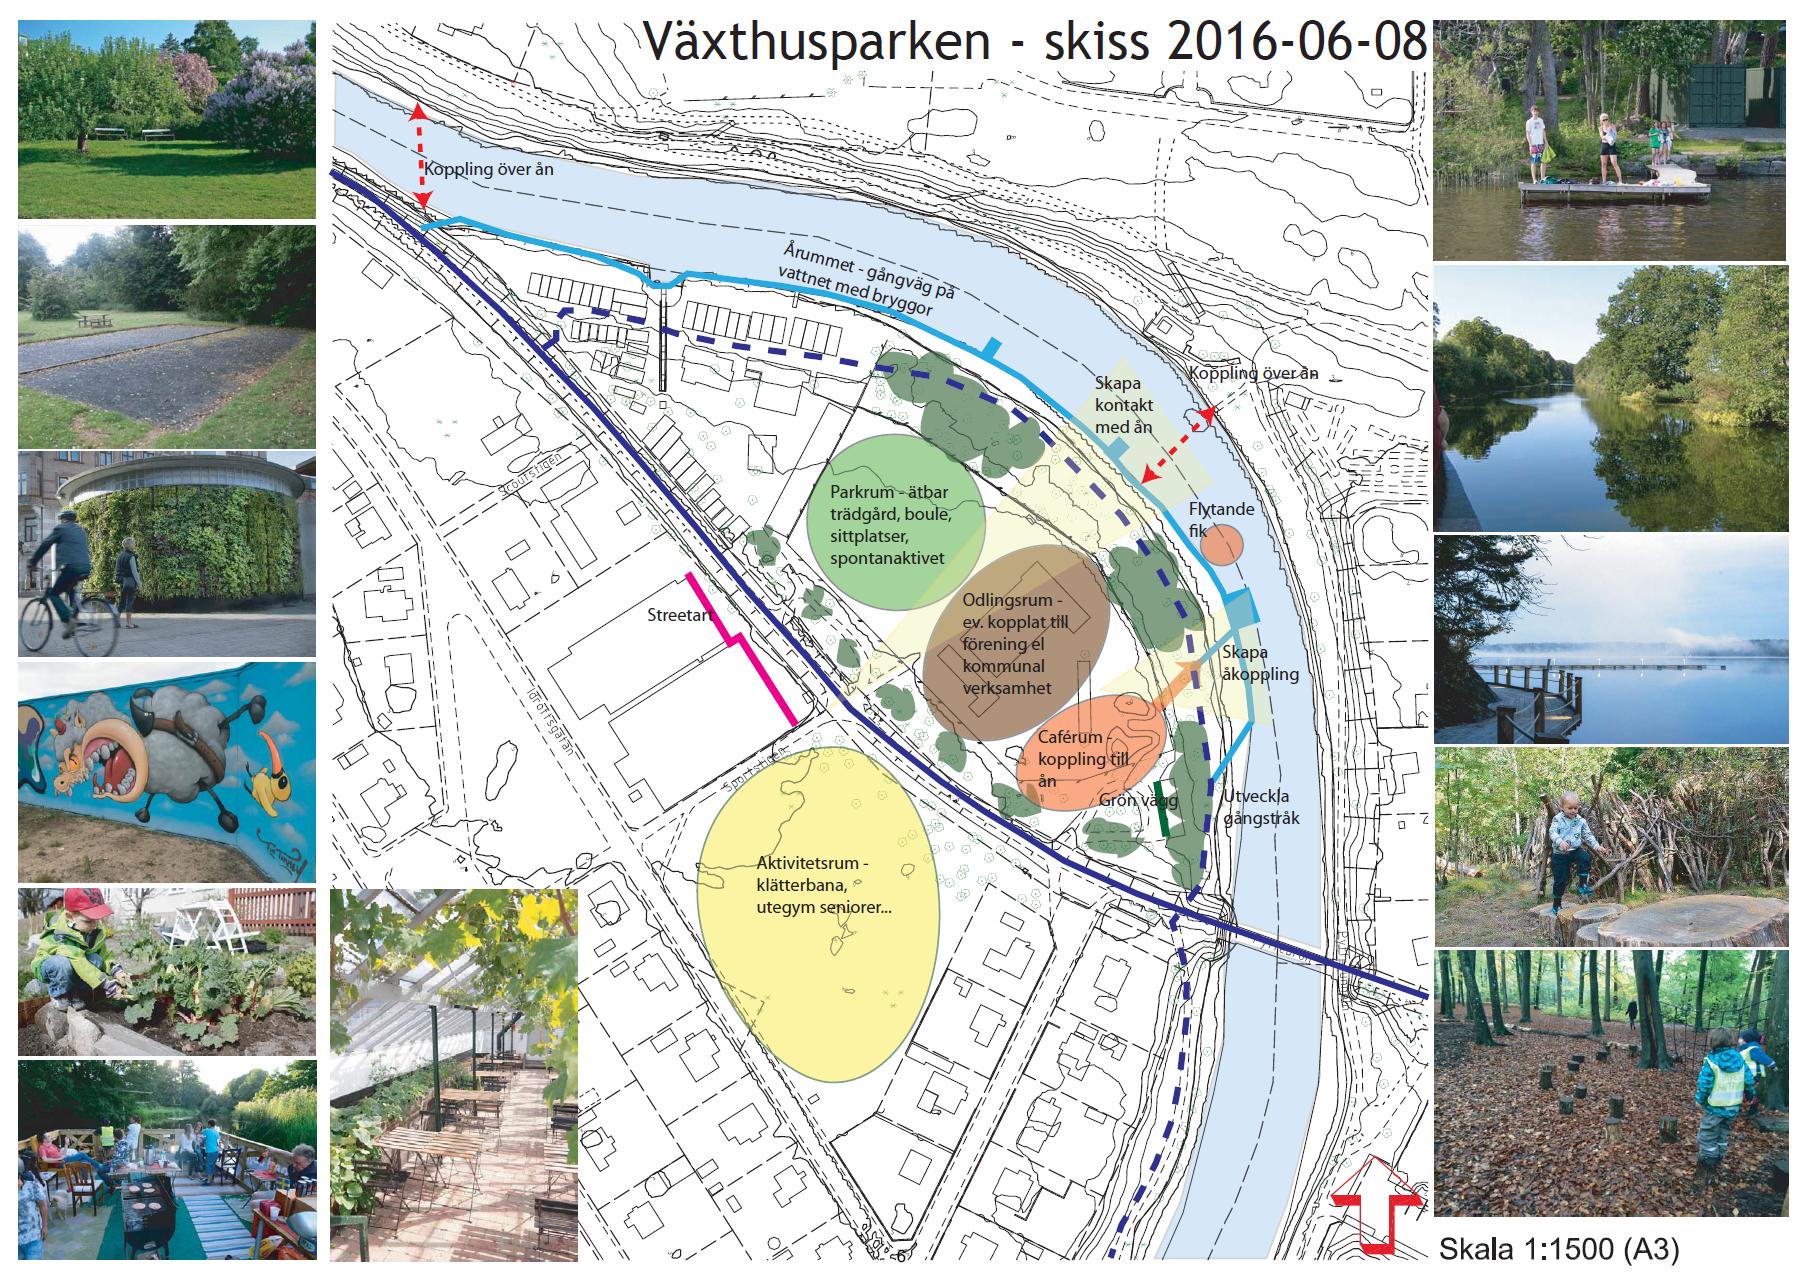 Växthusparken Skiss 2016-06-08 Blad 1